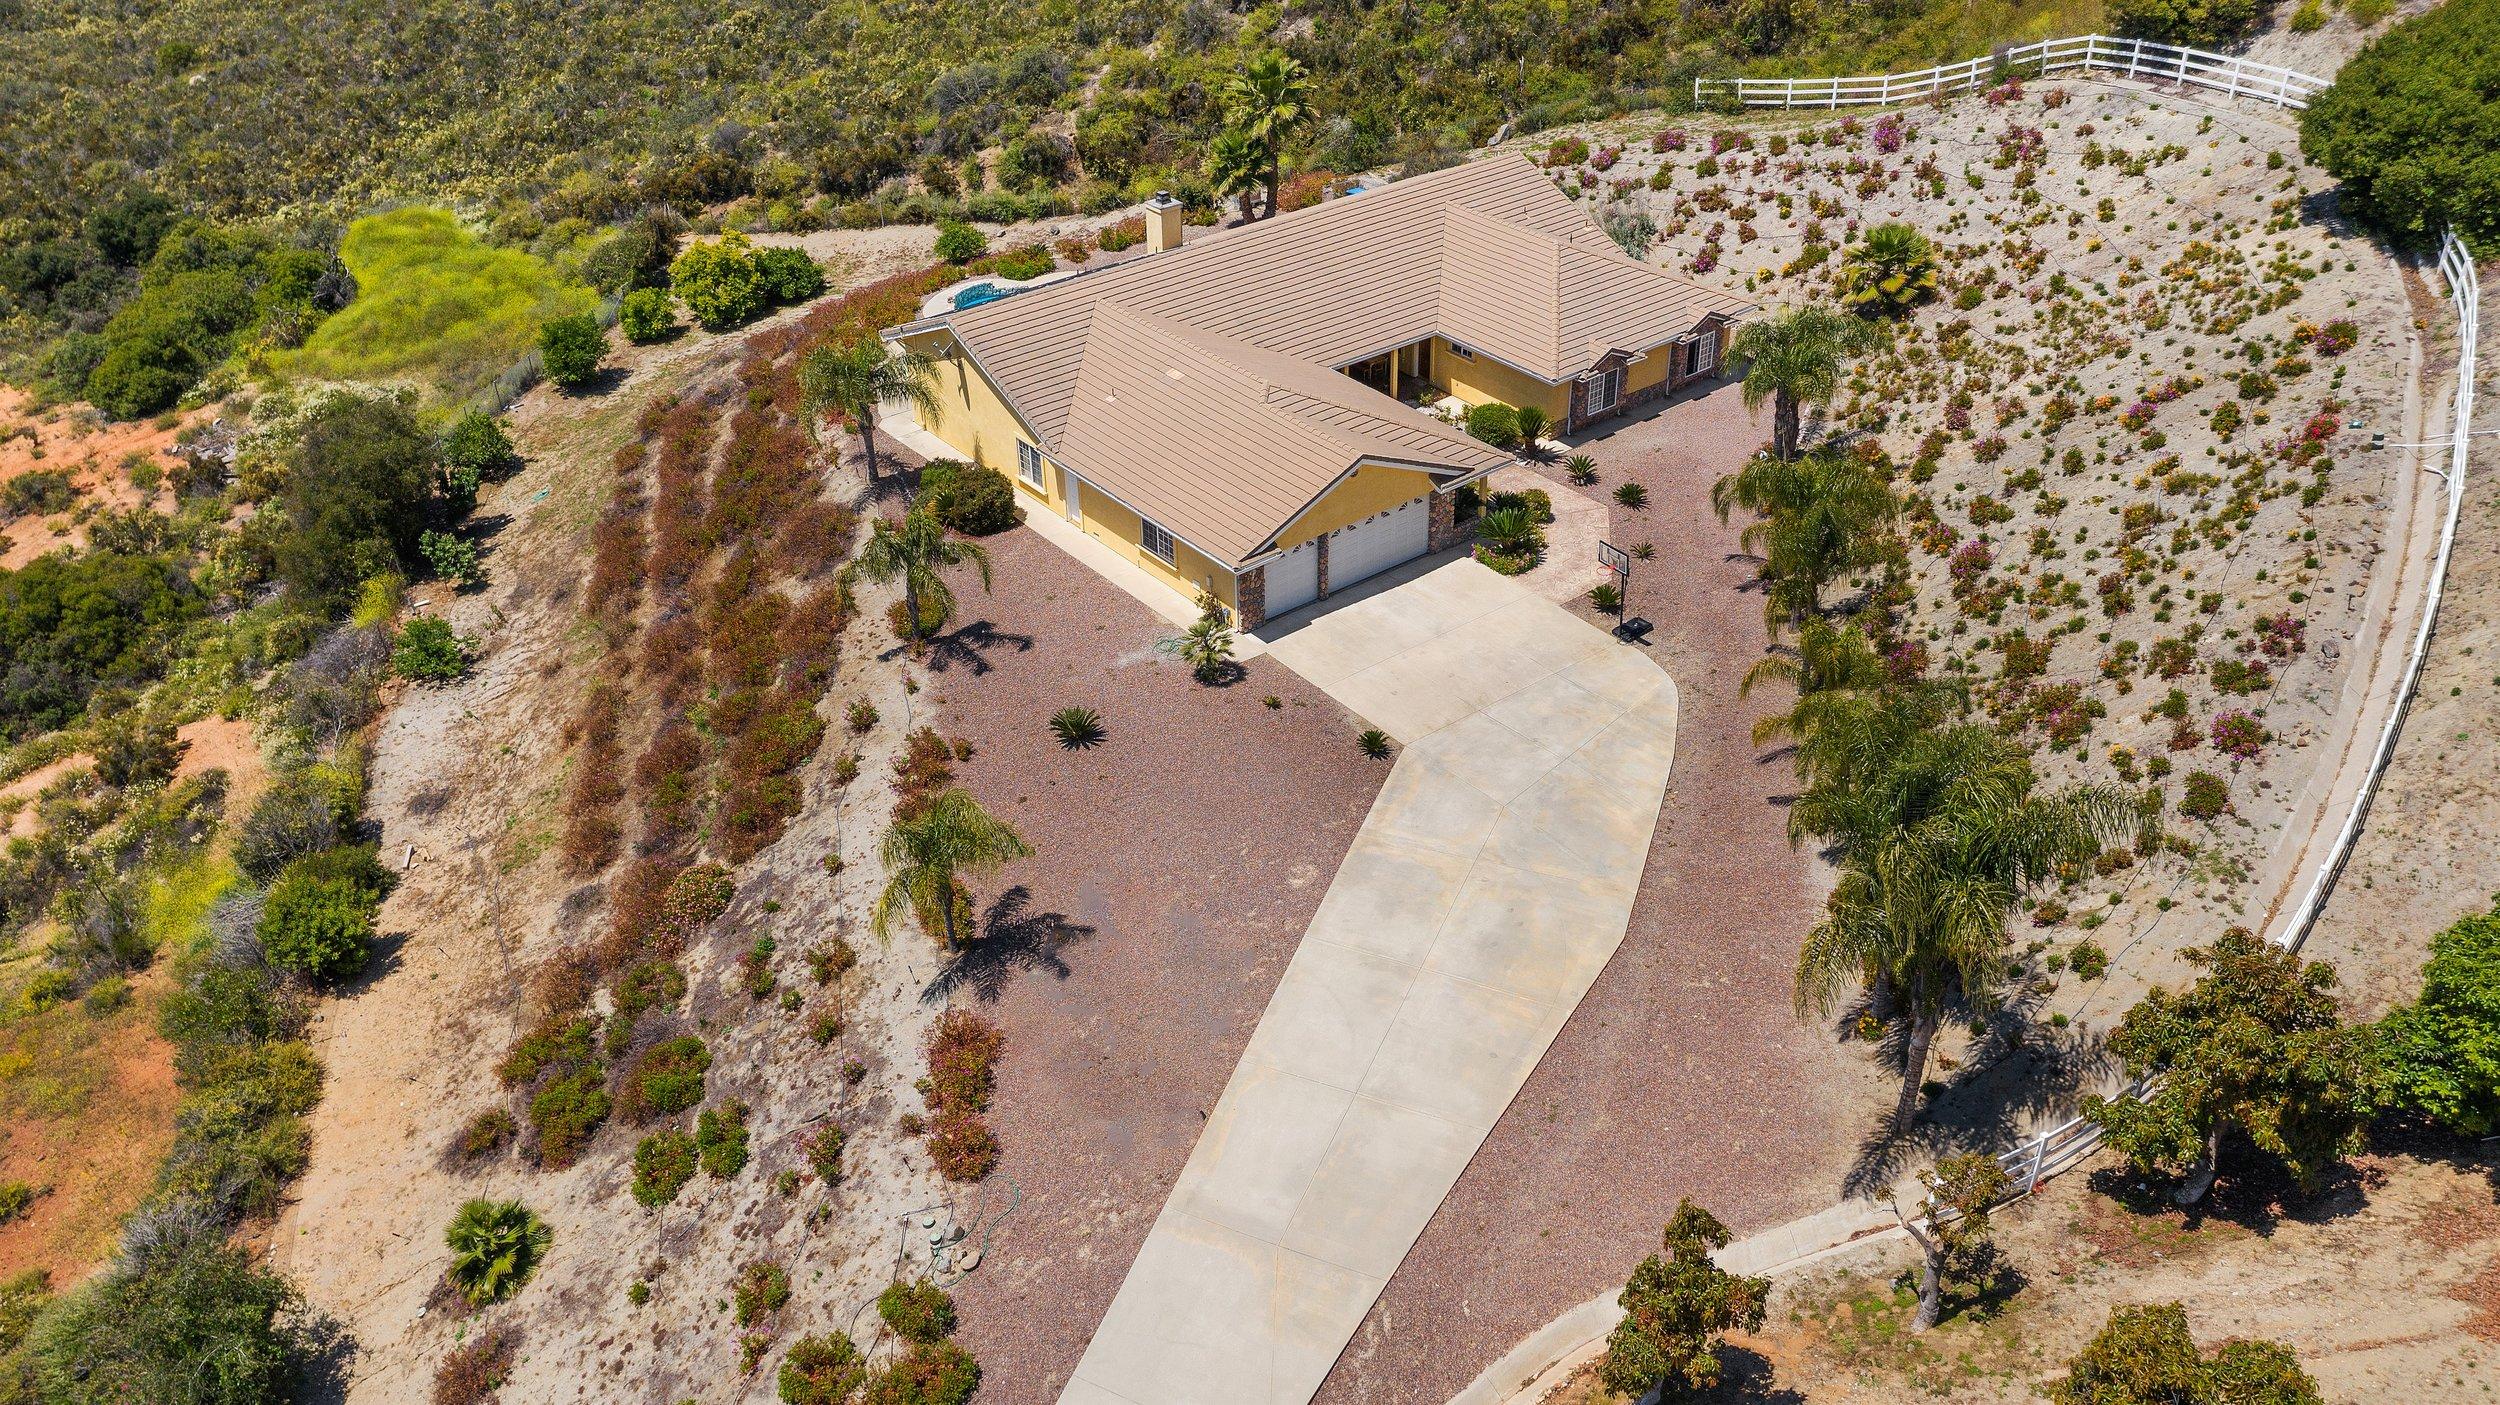 055_Aerial Side View.jpg